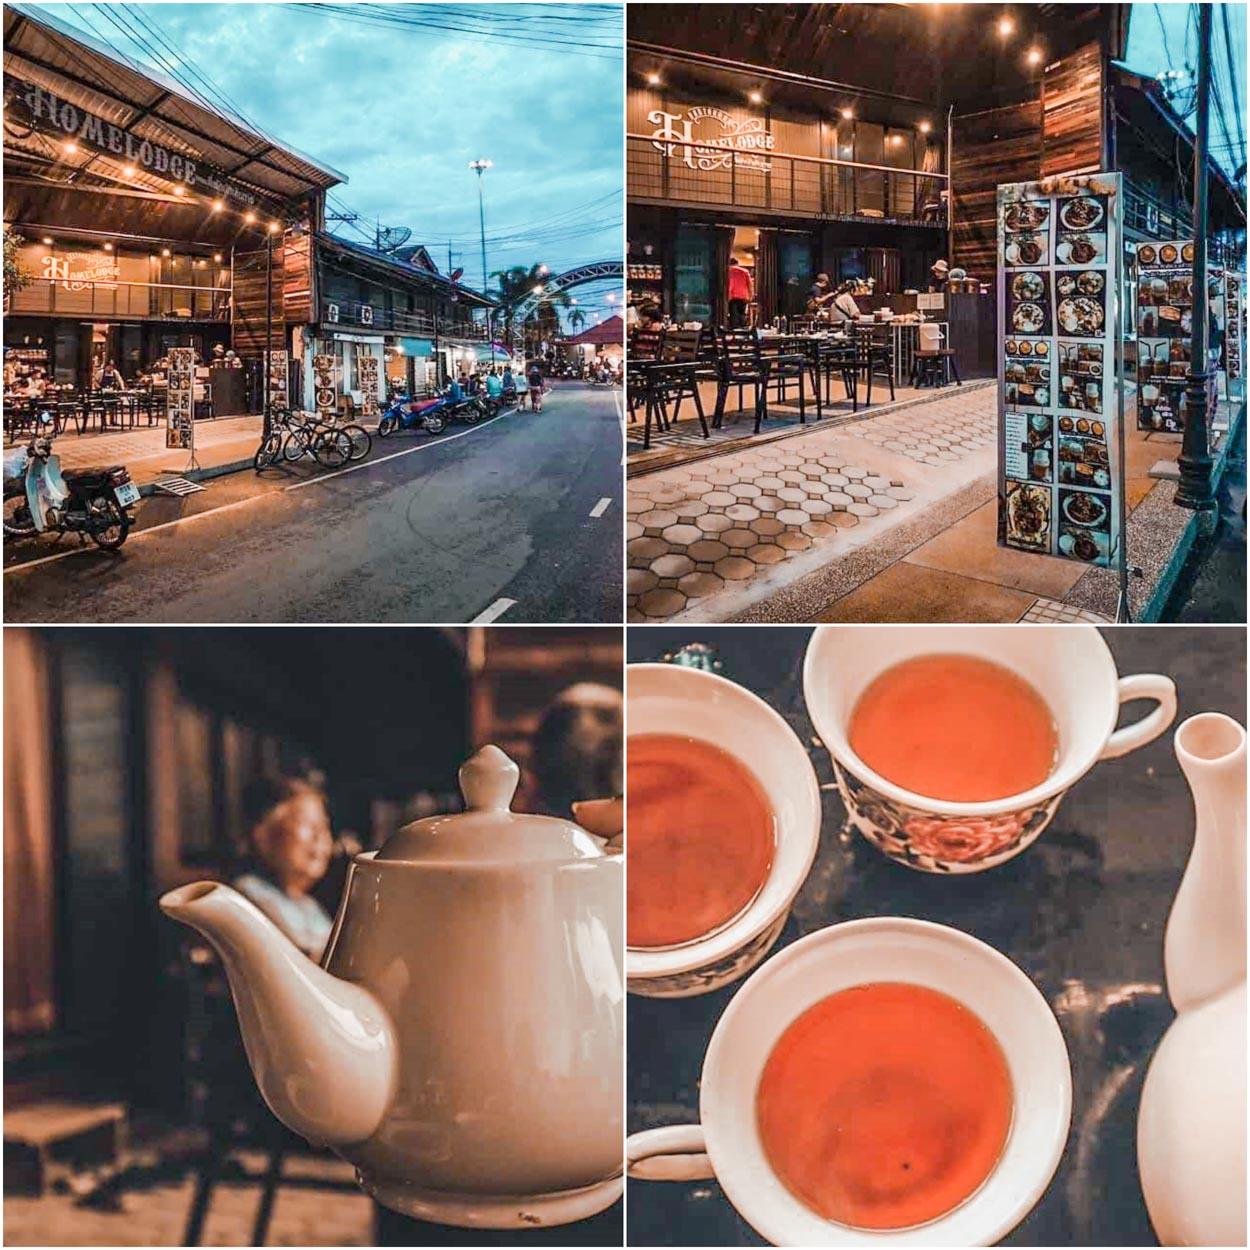 ร้านย่านตาขาวโอลด์ทาวน์แอนด์โฮมลอดจ์ Old Town Cafe? & Yantakhao Homelodge